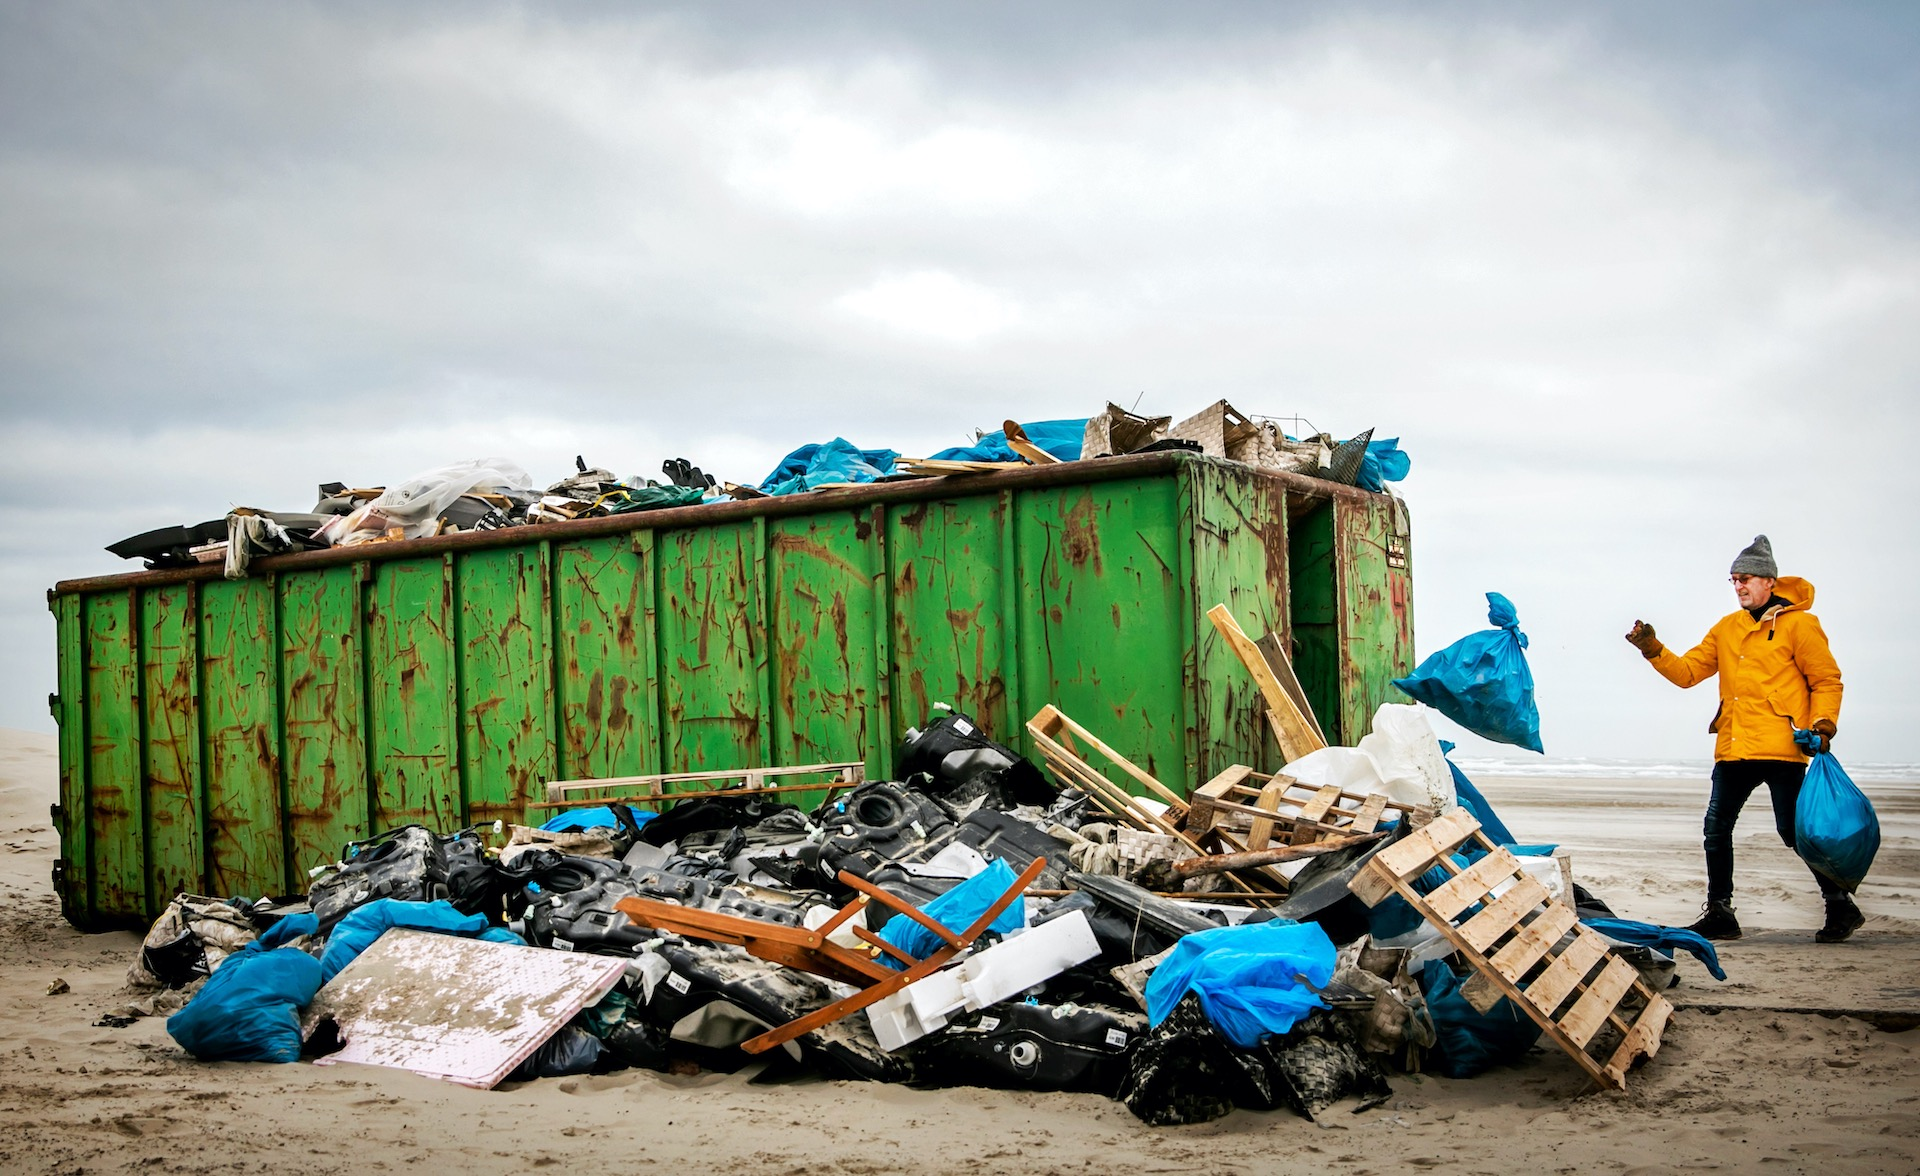 TERSCHELLING - Een man brengt afval naar een container na een opruimactie op de stranden van Terschelling.